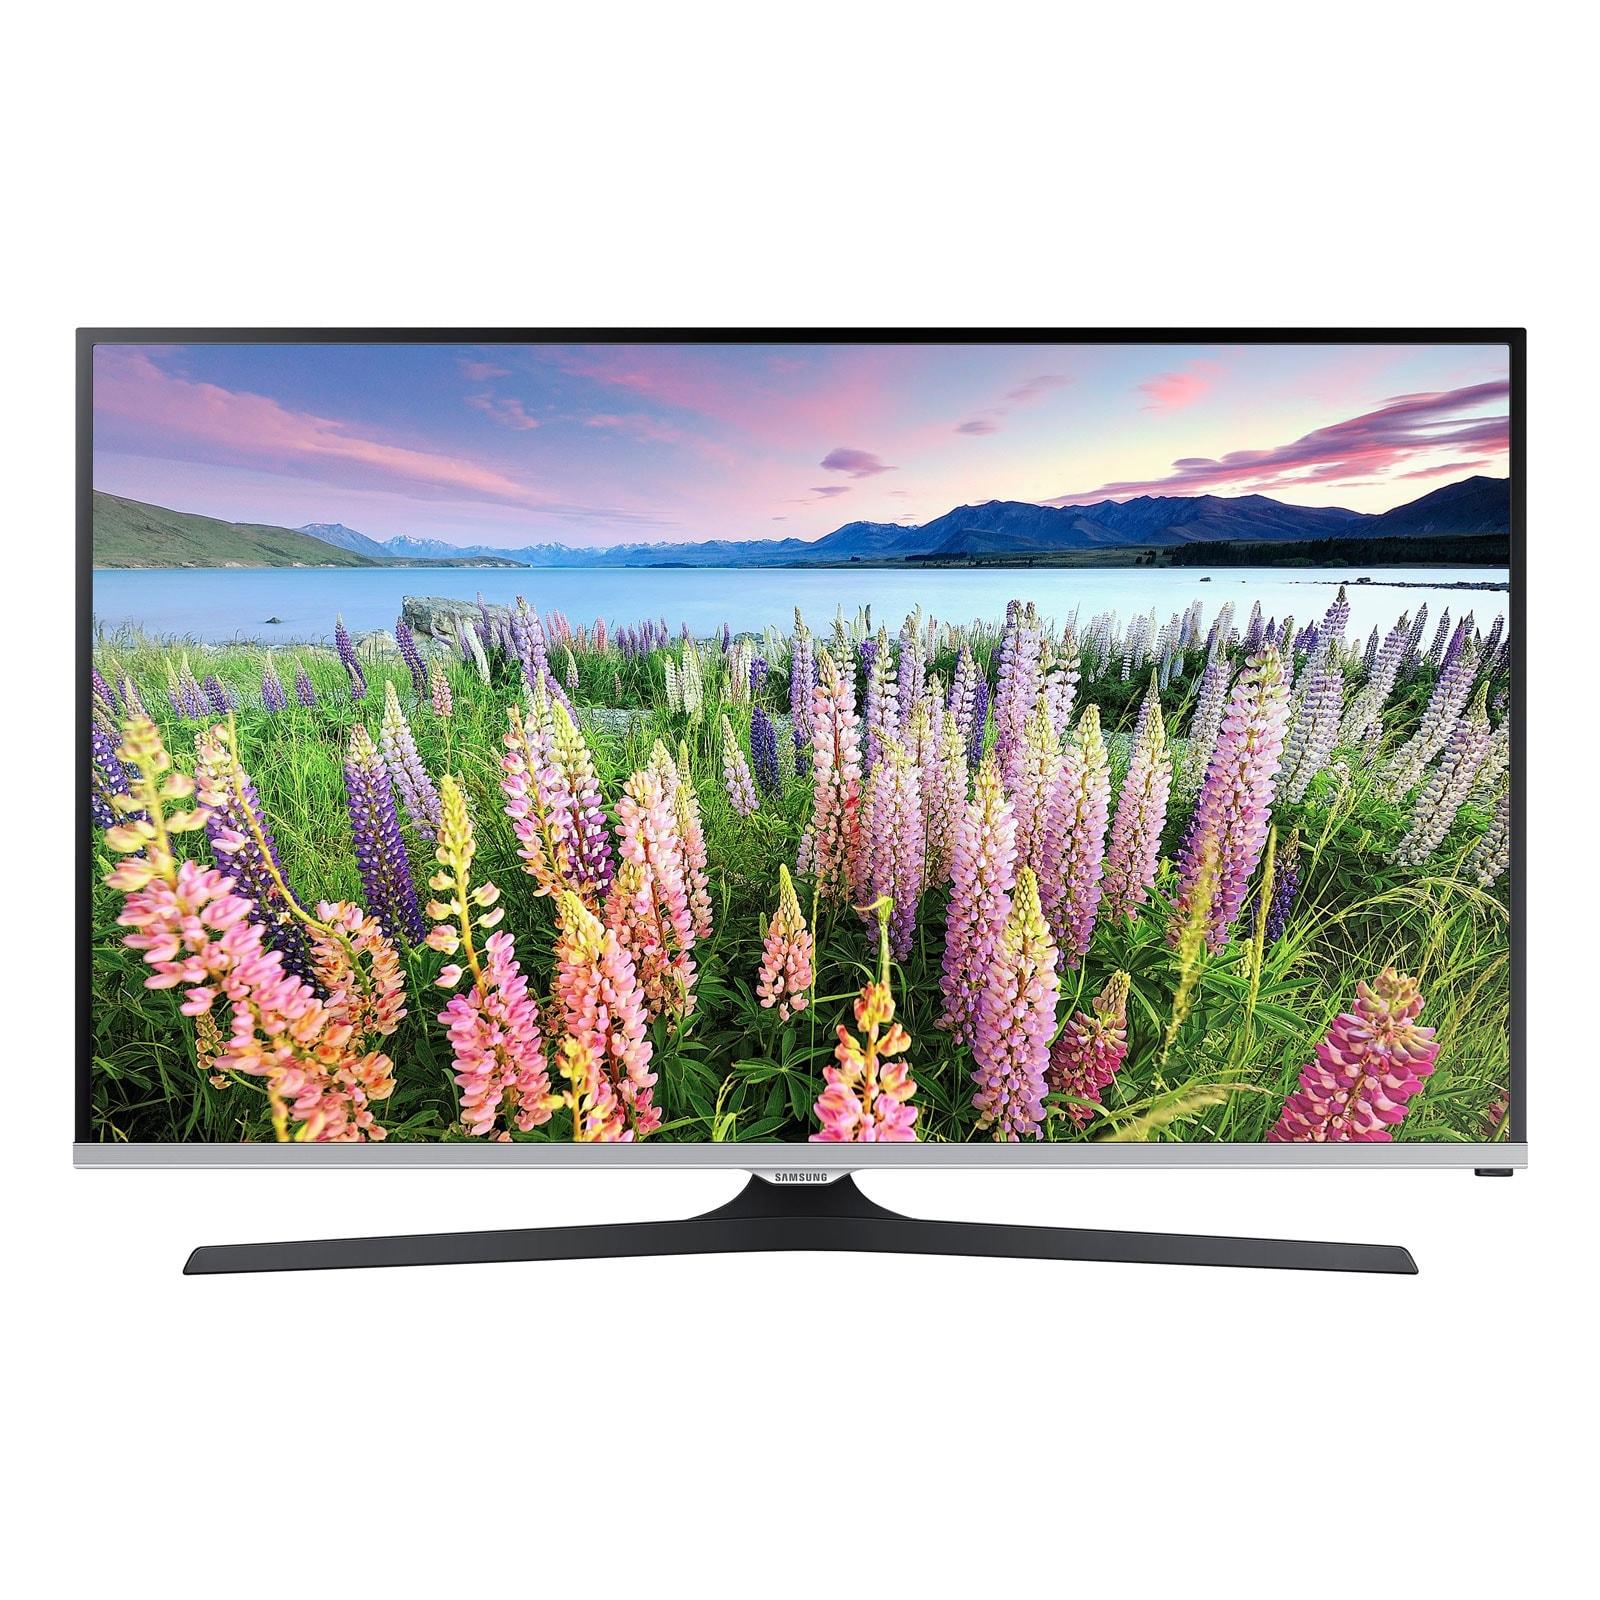 Samsung UE32J5100 (UE32J5100) - Achat / Vente TV sur Cybertek.fr - 0